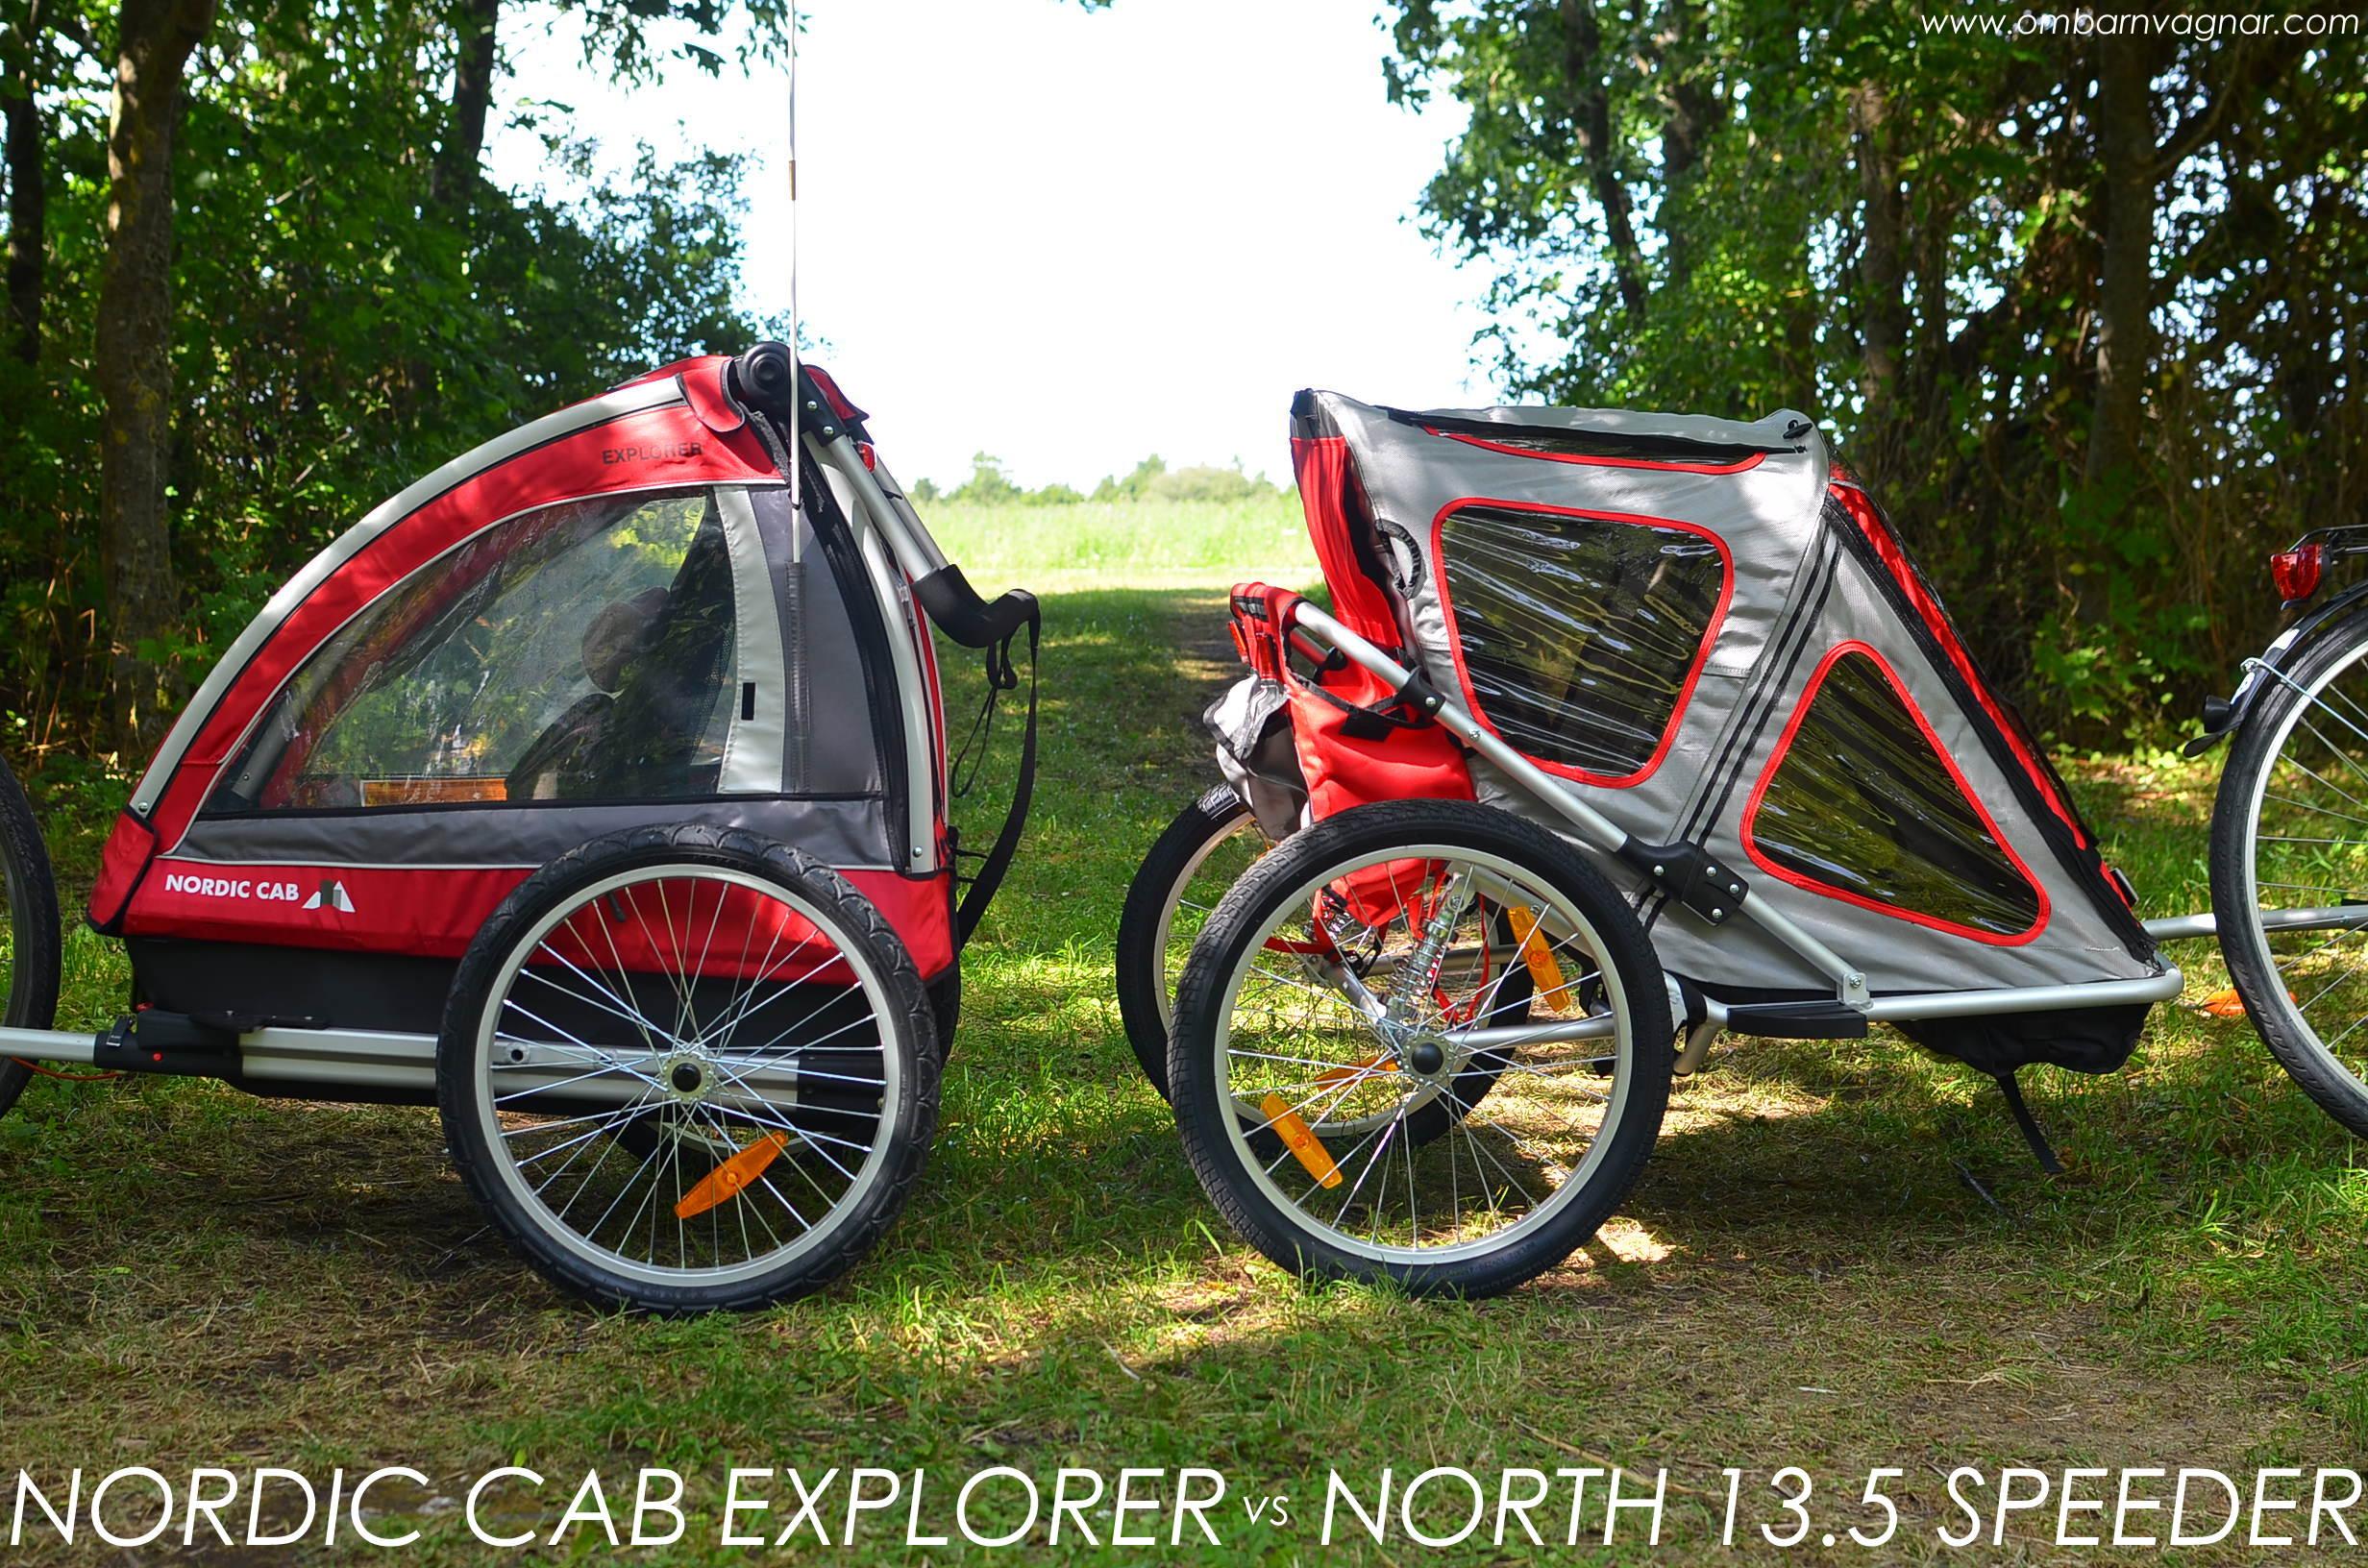 Jämförelse av två cykelvagnar - North 13.5 Speeder och Nordic Cab Explorer